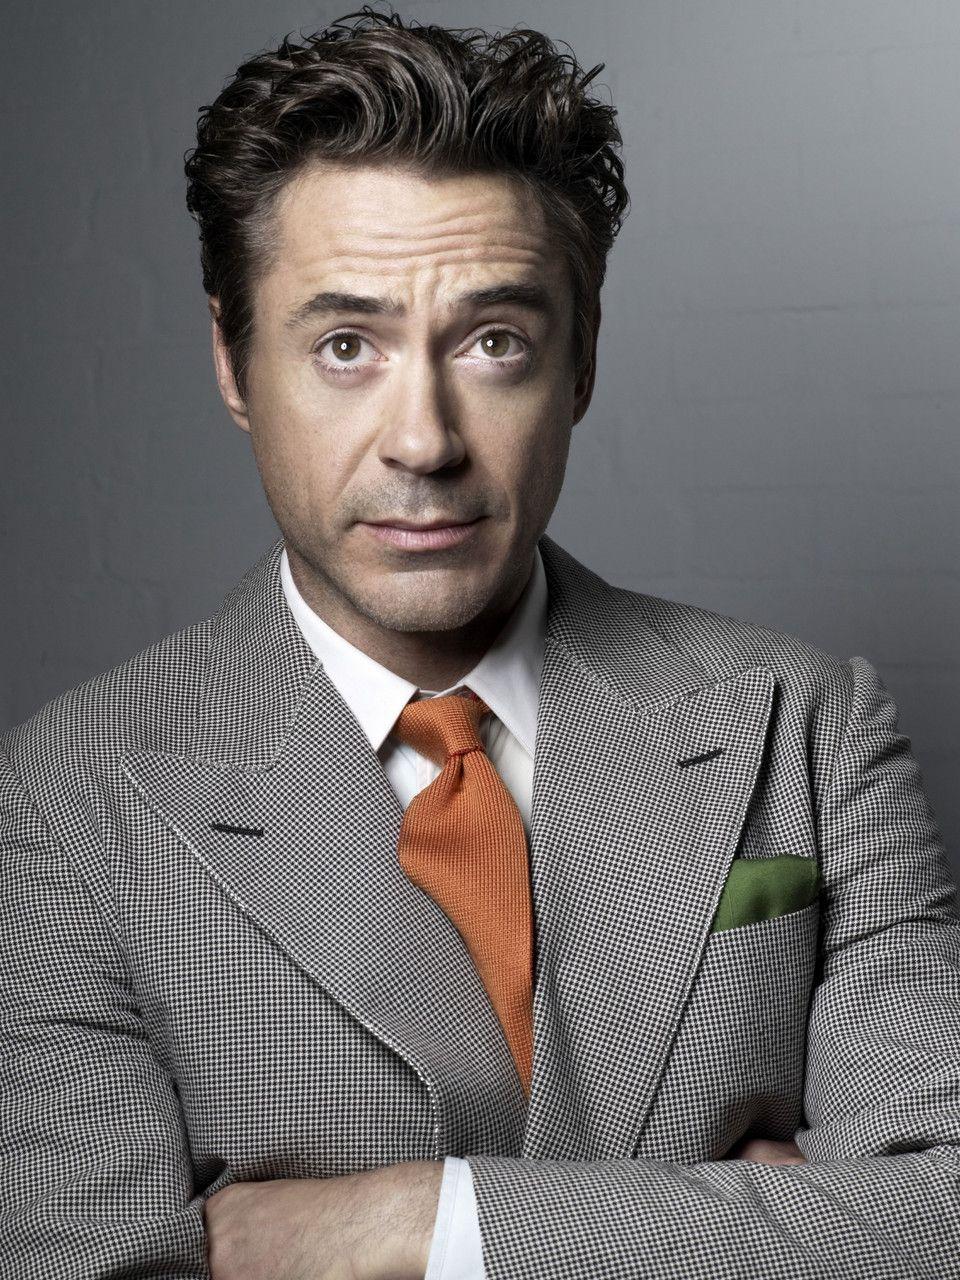 Robert Downey Jr Grey Suit | www.pixshark.com - Images ... Robert Downey